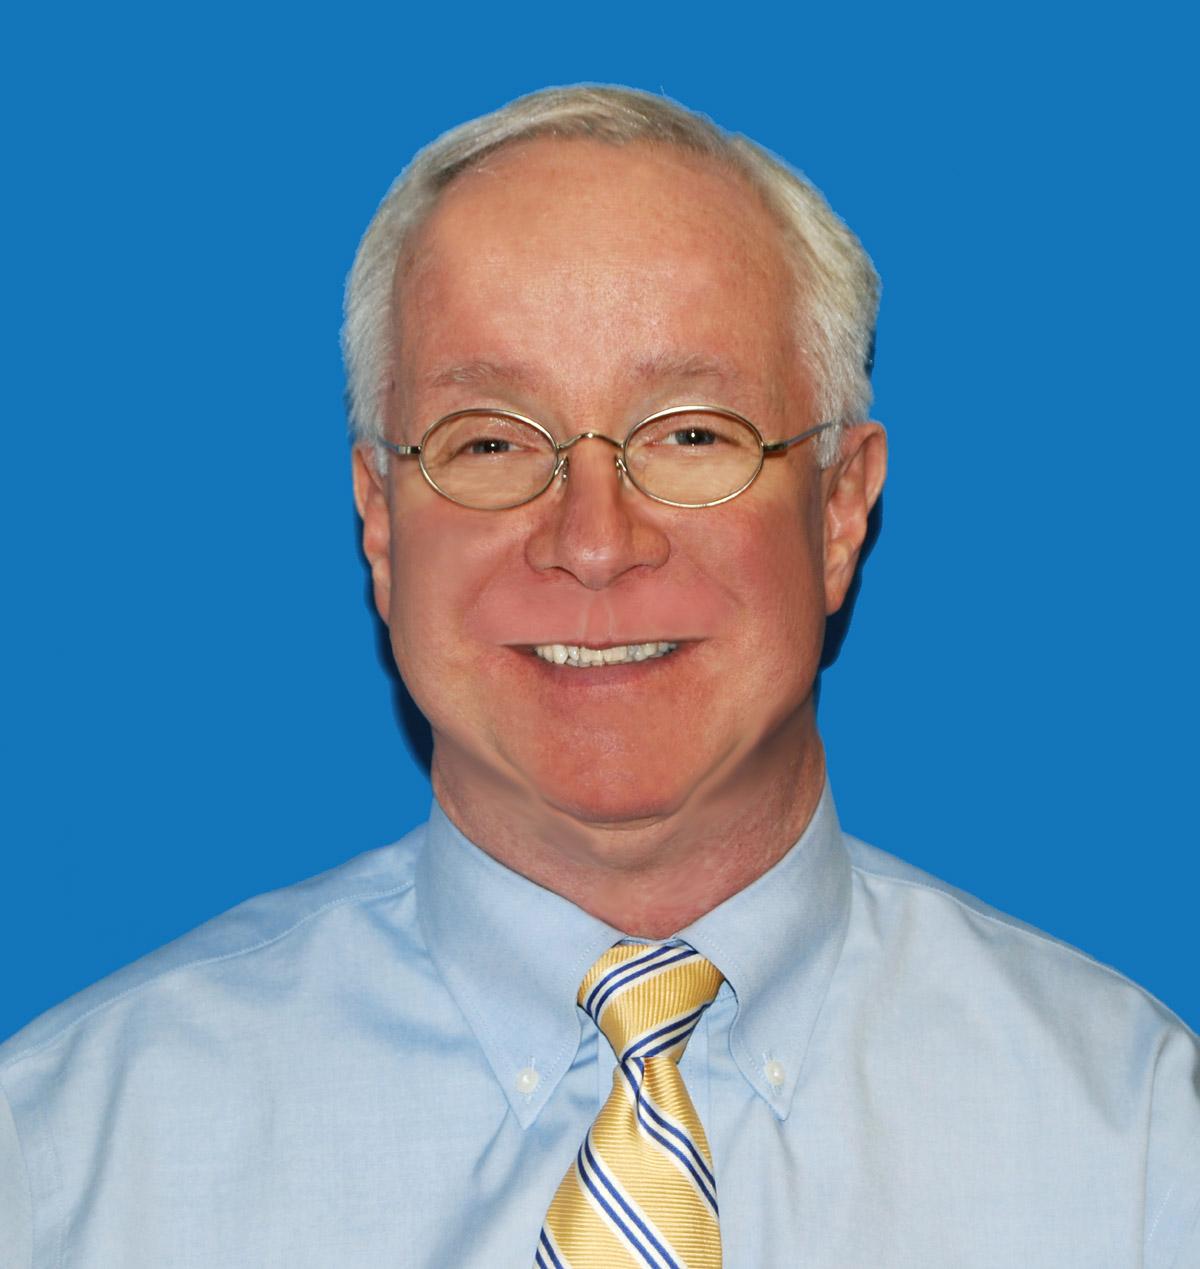 Doug McNeely